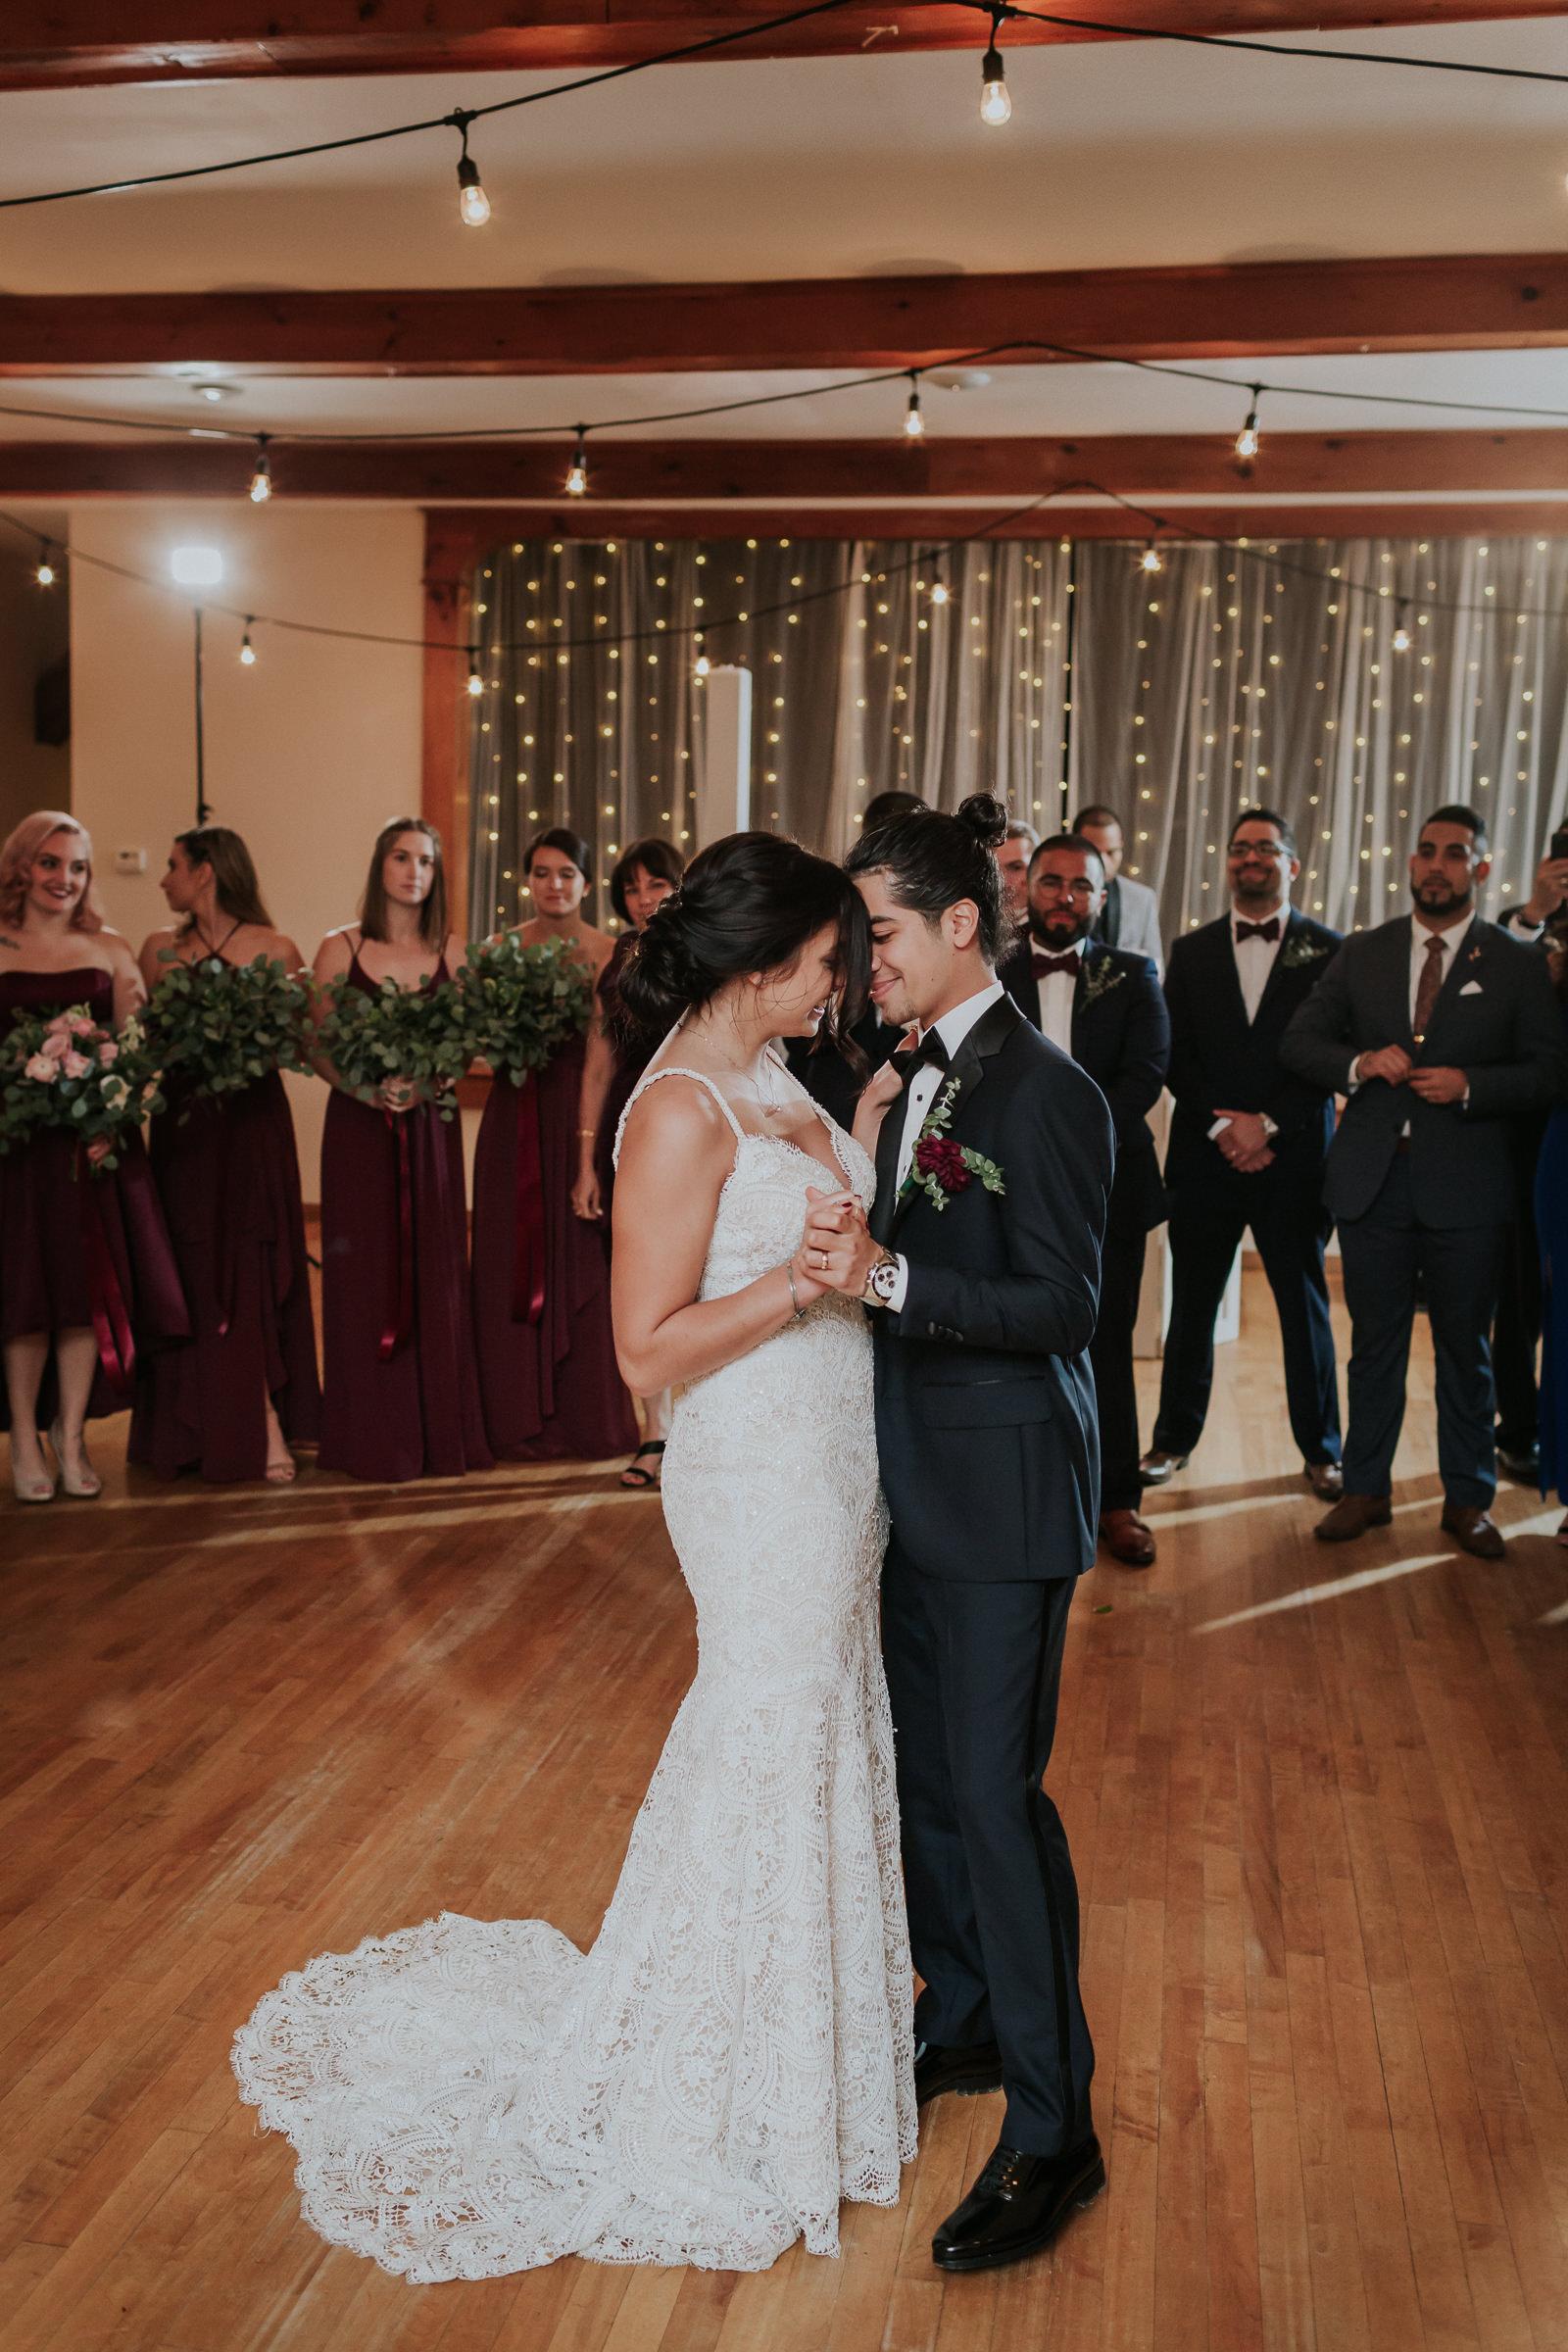 Arrow-Park-Monroe-NY-Documentary-Wedding-Photographer-85.jpg